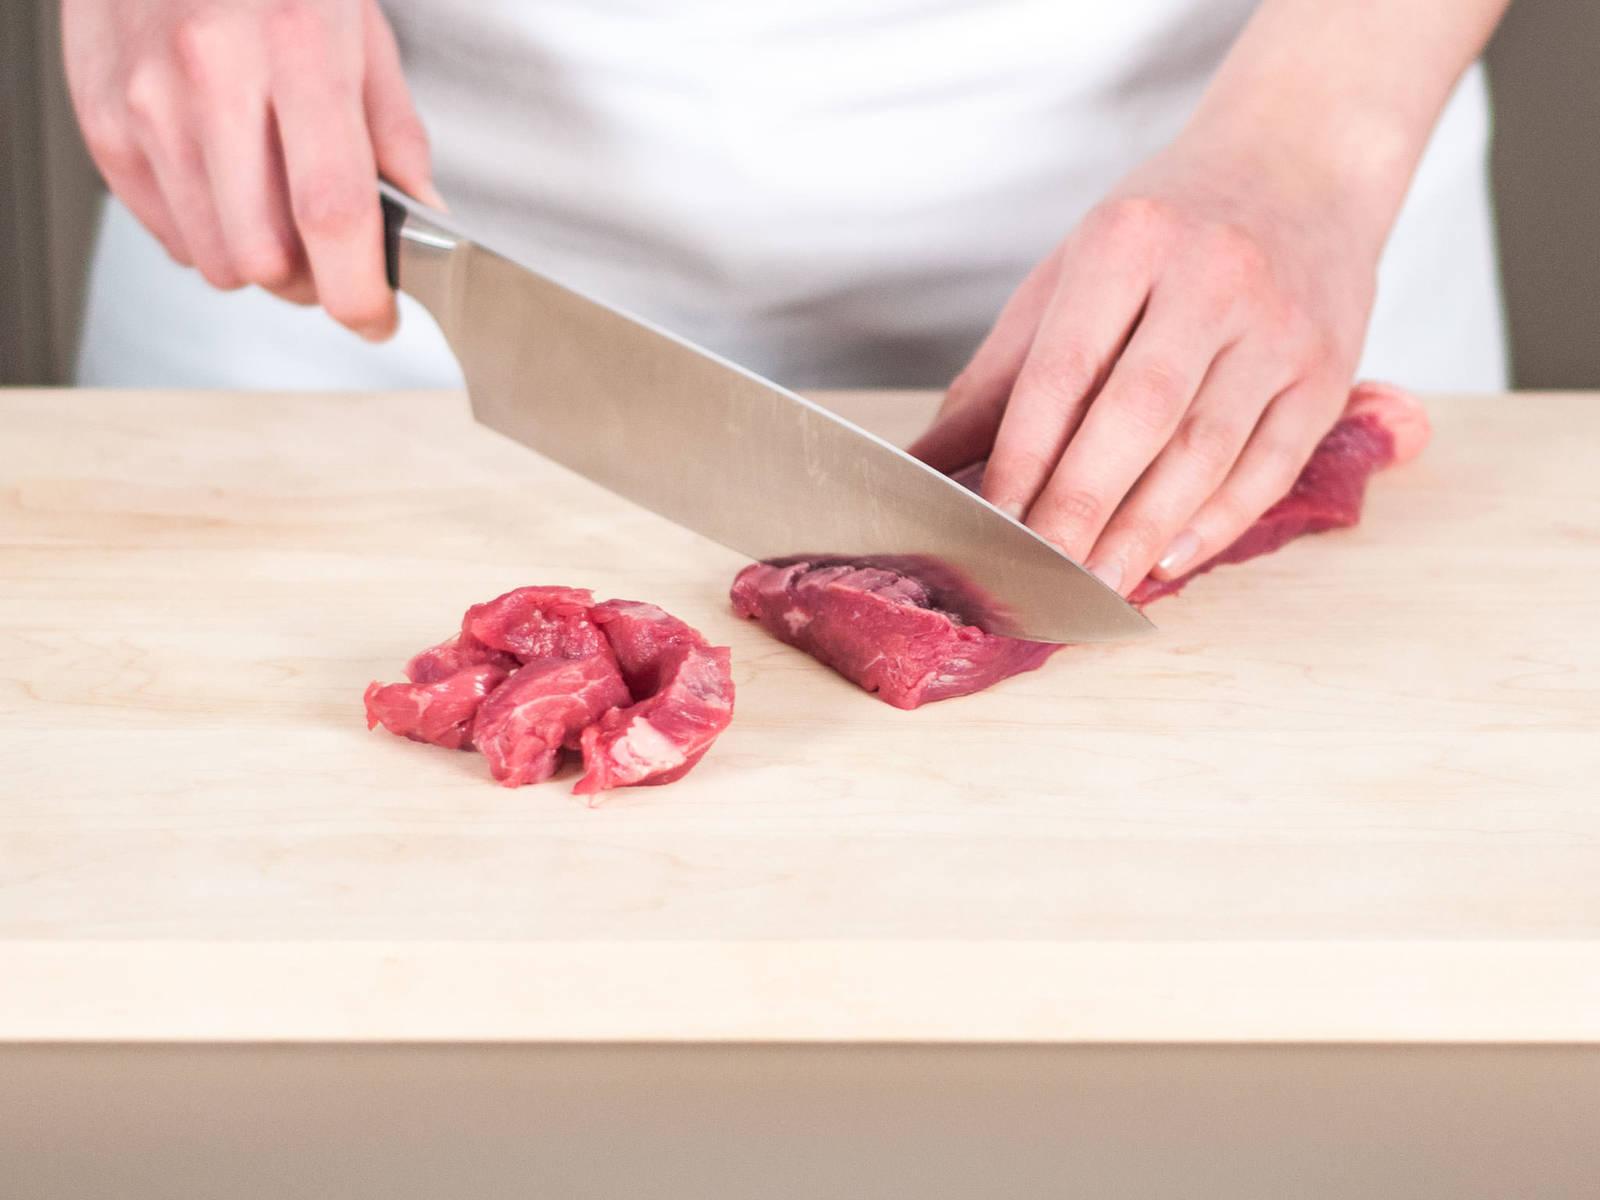 Rindfleisch in dünne Streifen schneiden, ca. 2 cm dick.